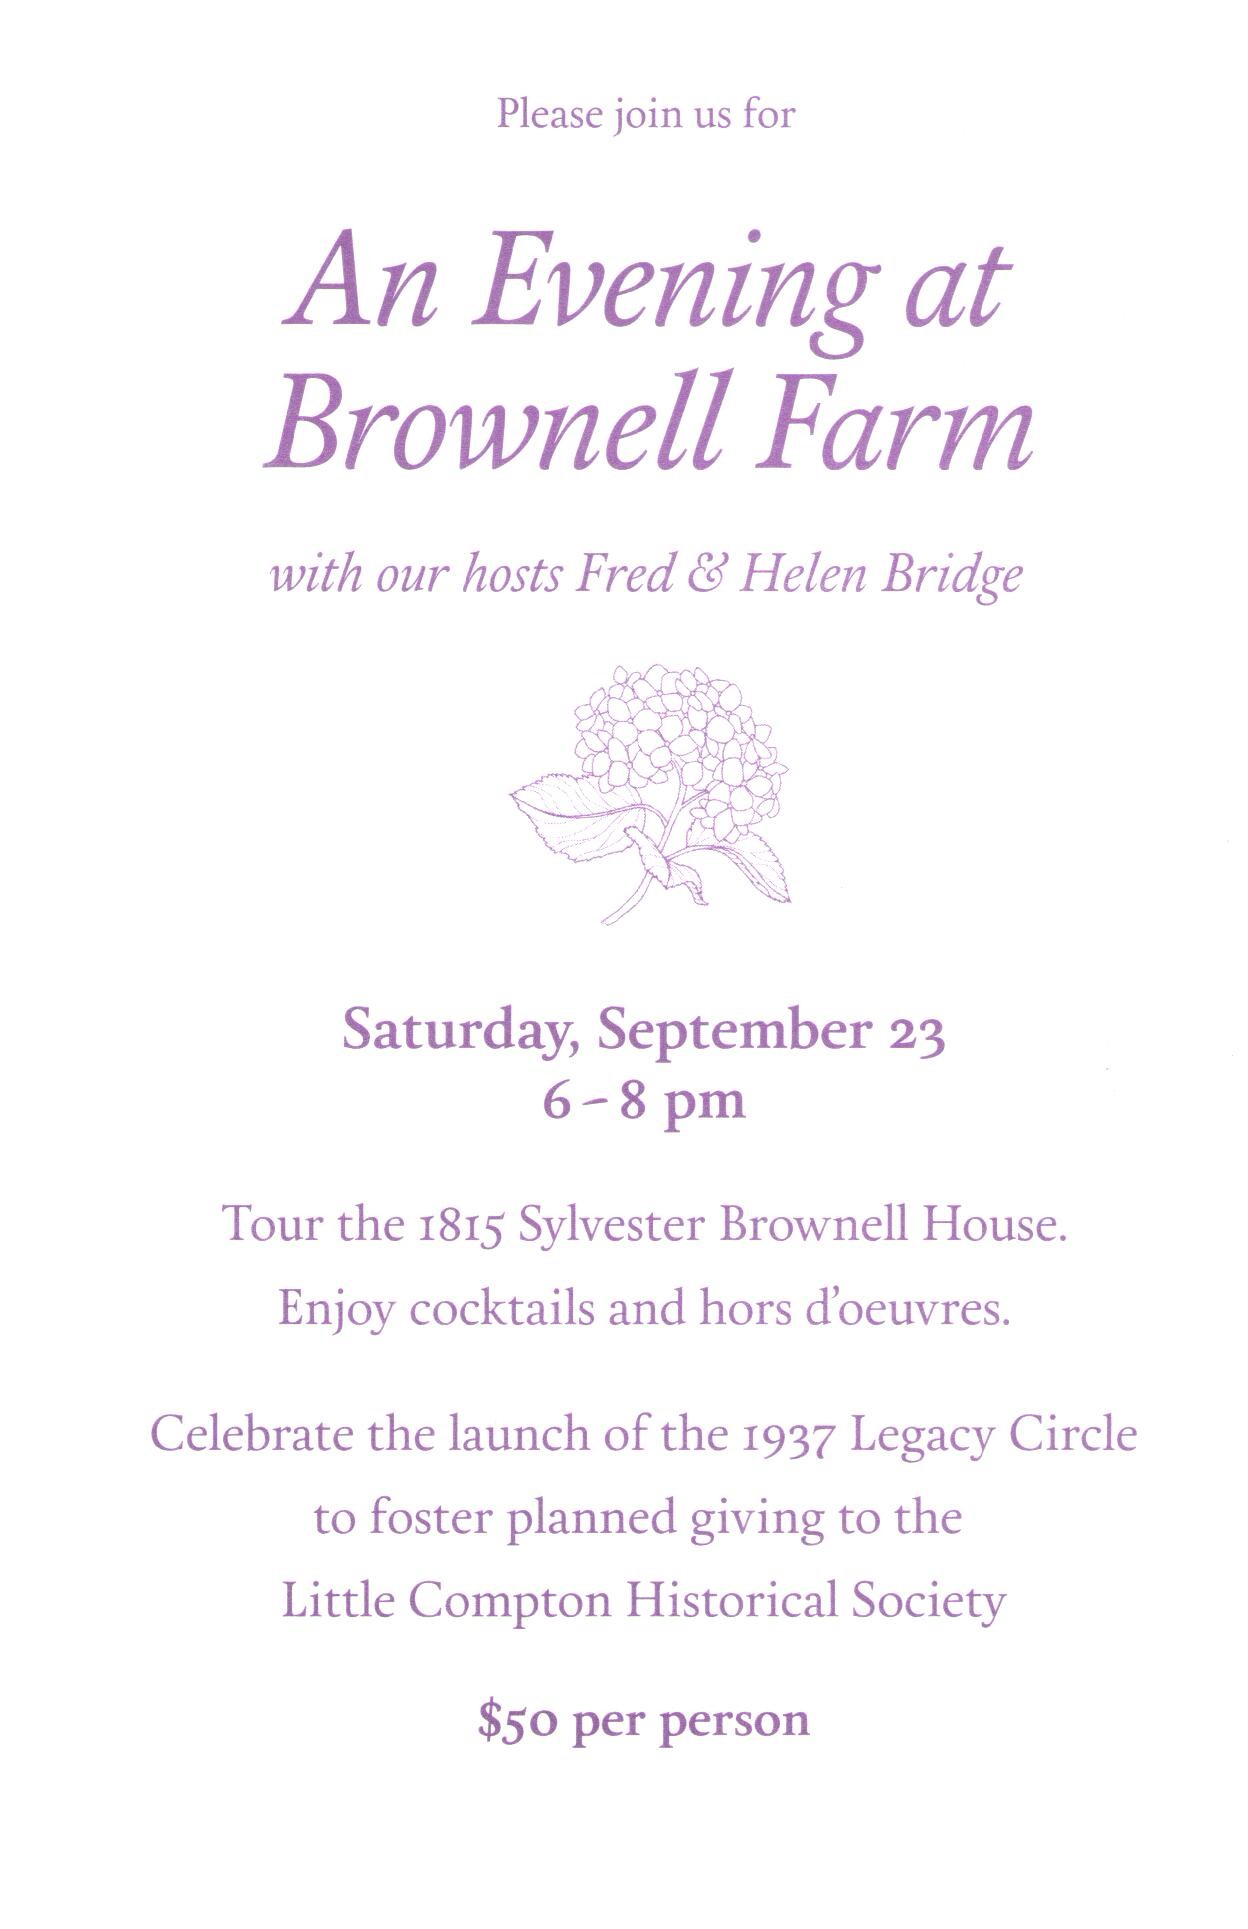 Brownell Farm Invite